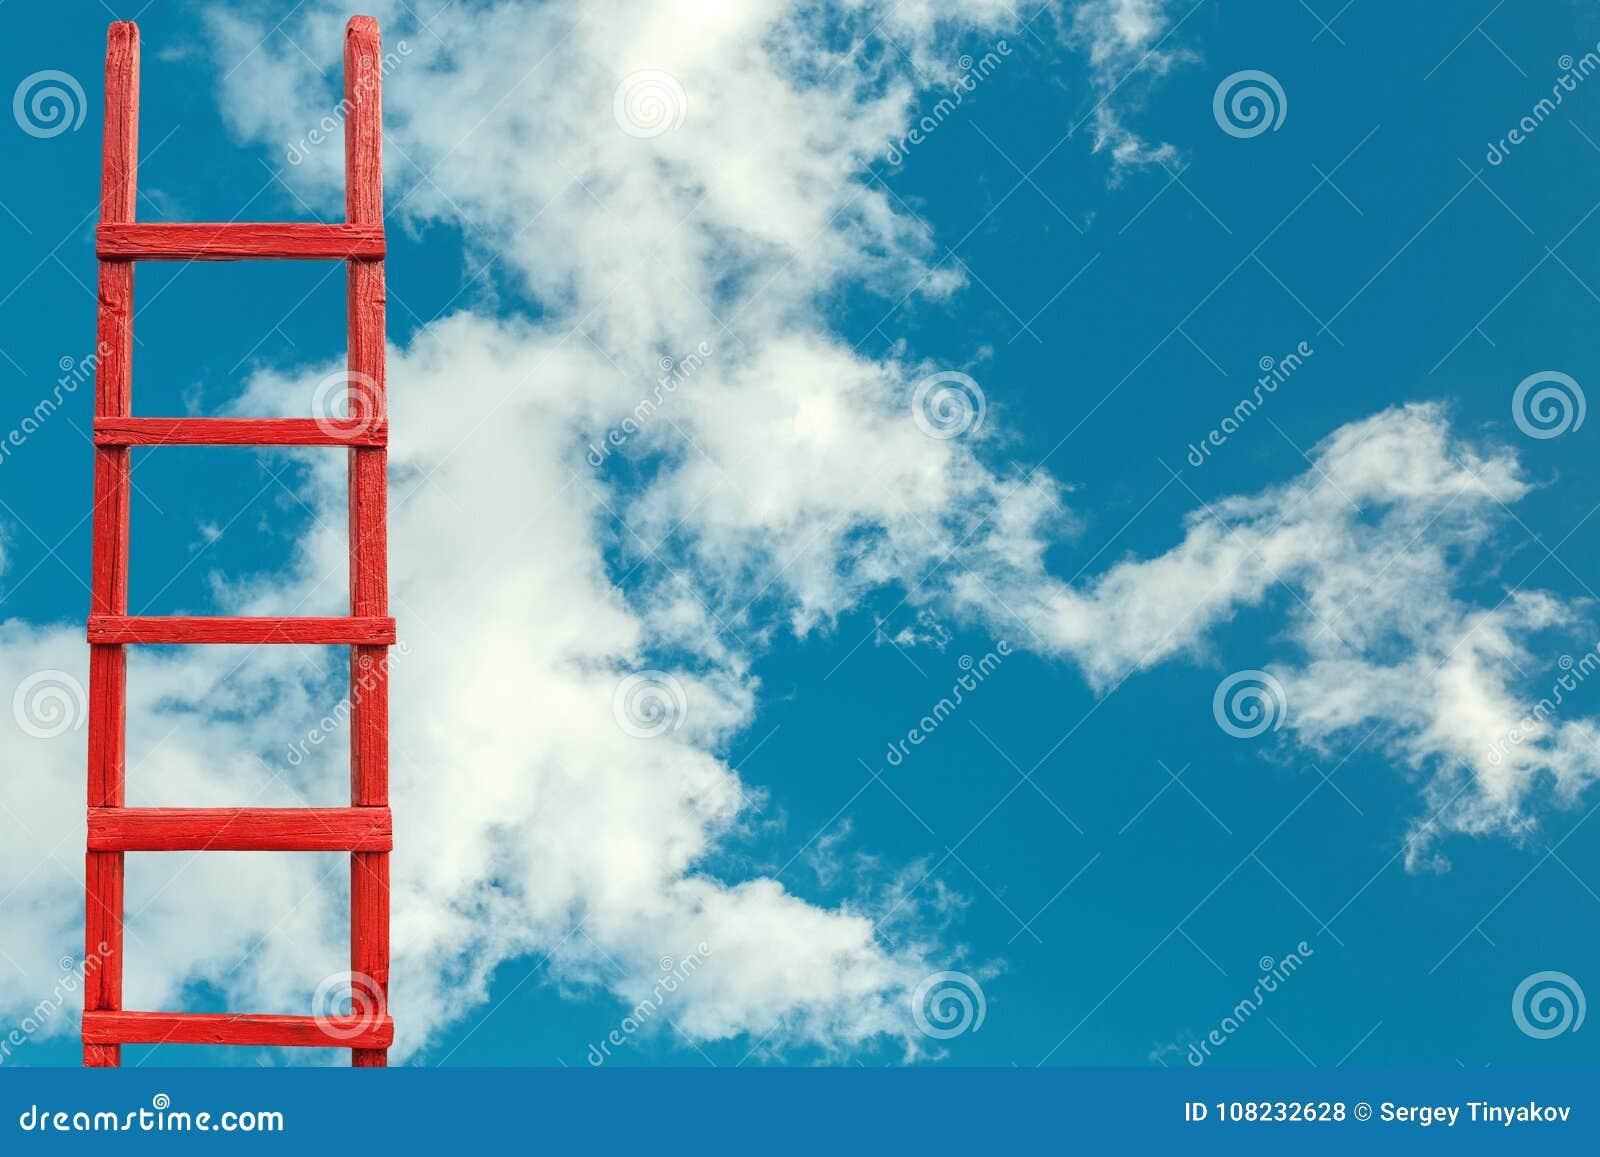 Escalier en bois rouge au ciel Route à la réussite Accomplissement de métaphore de carrière de buts